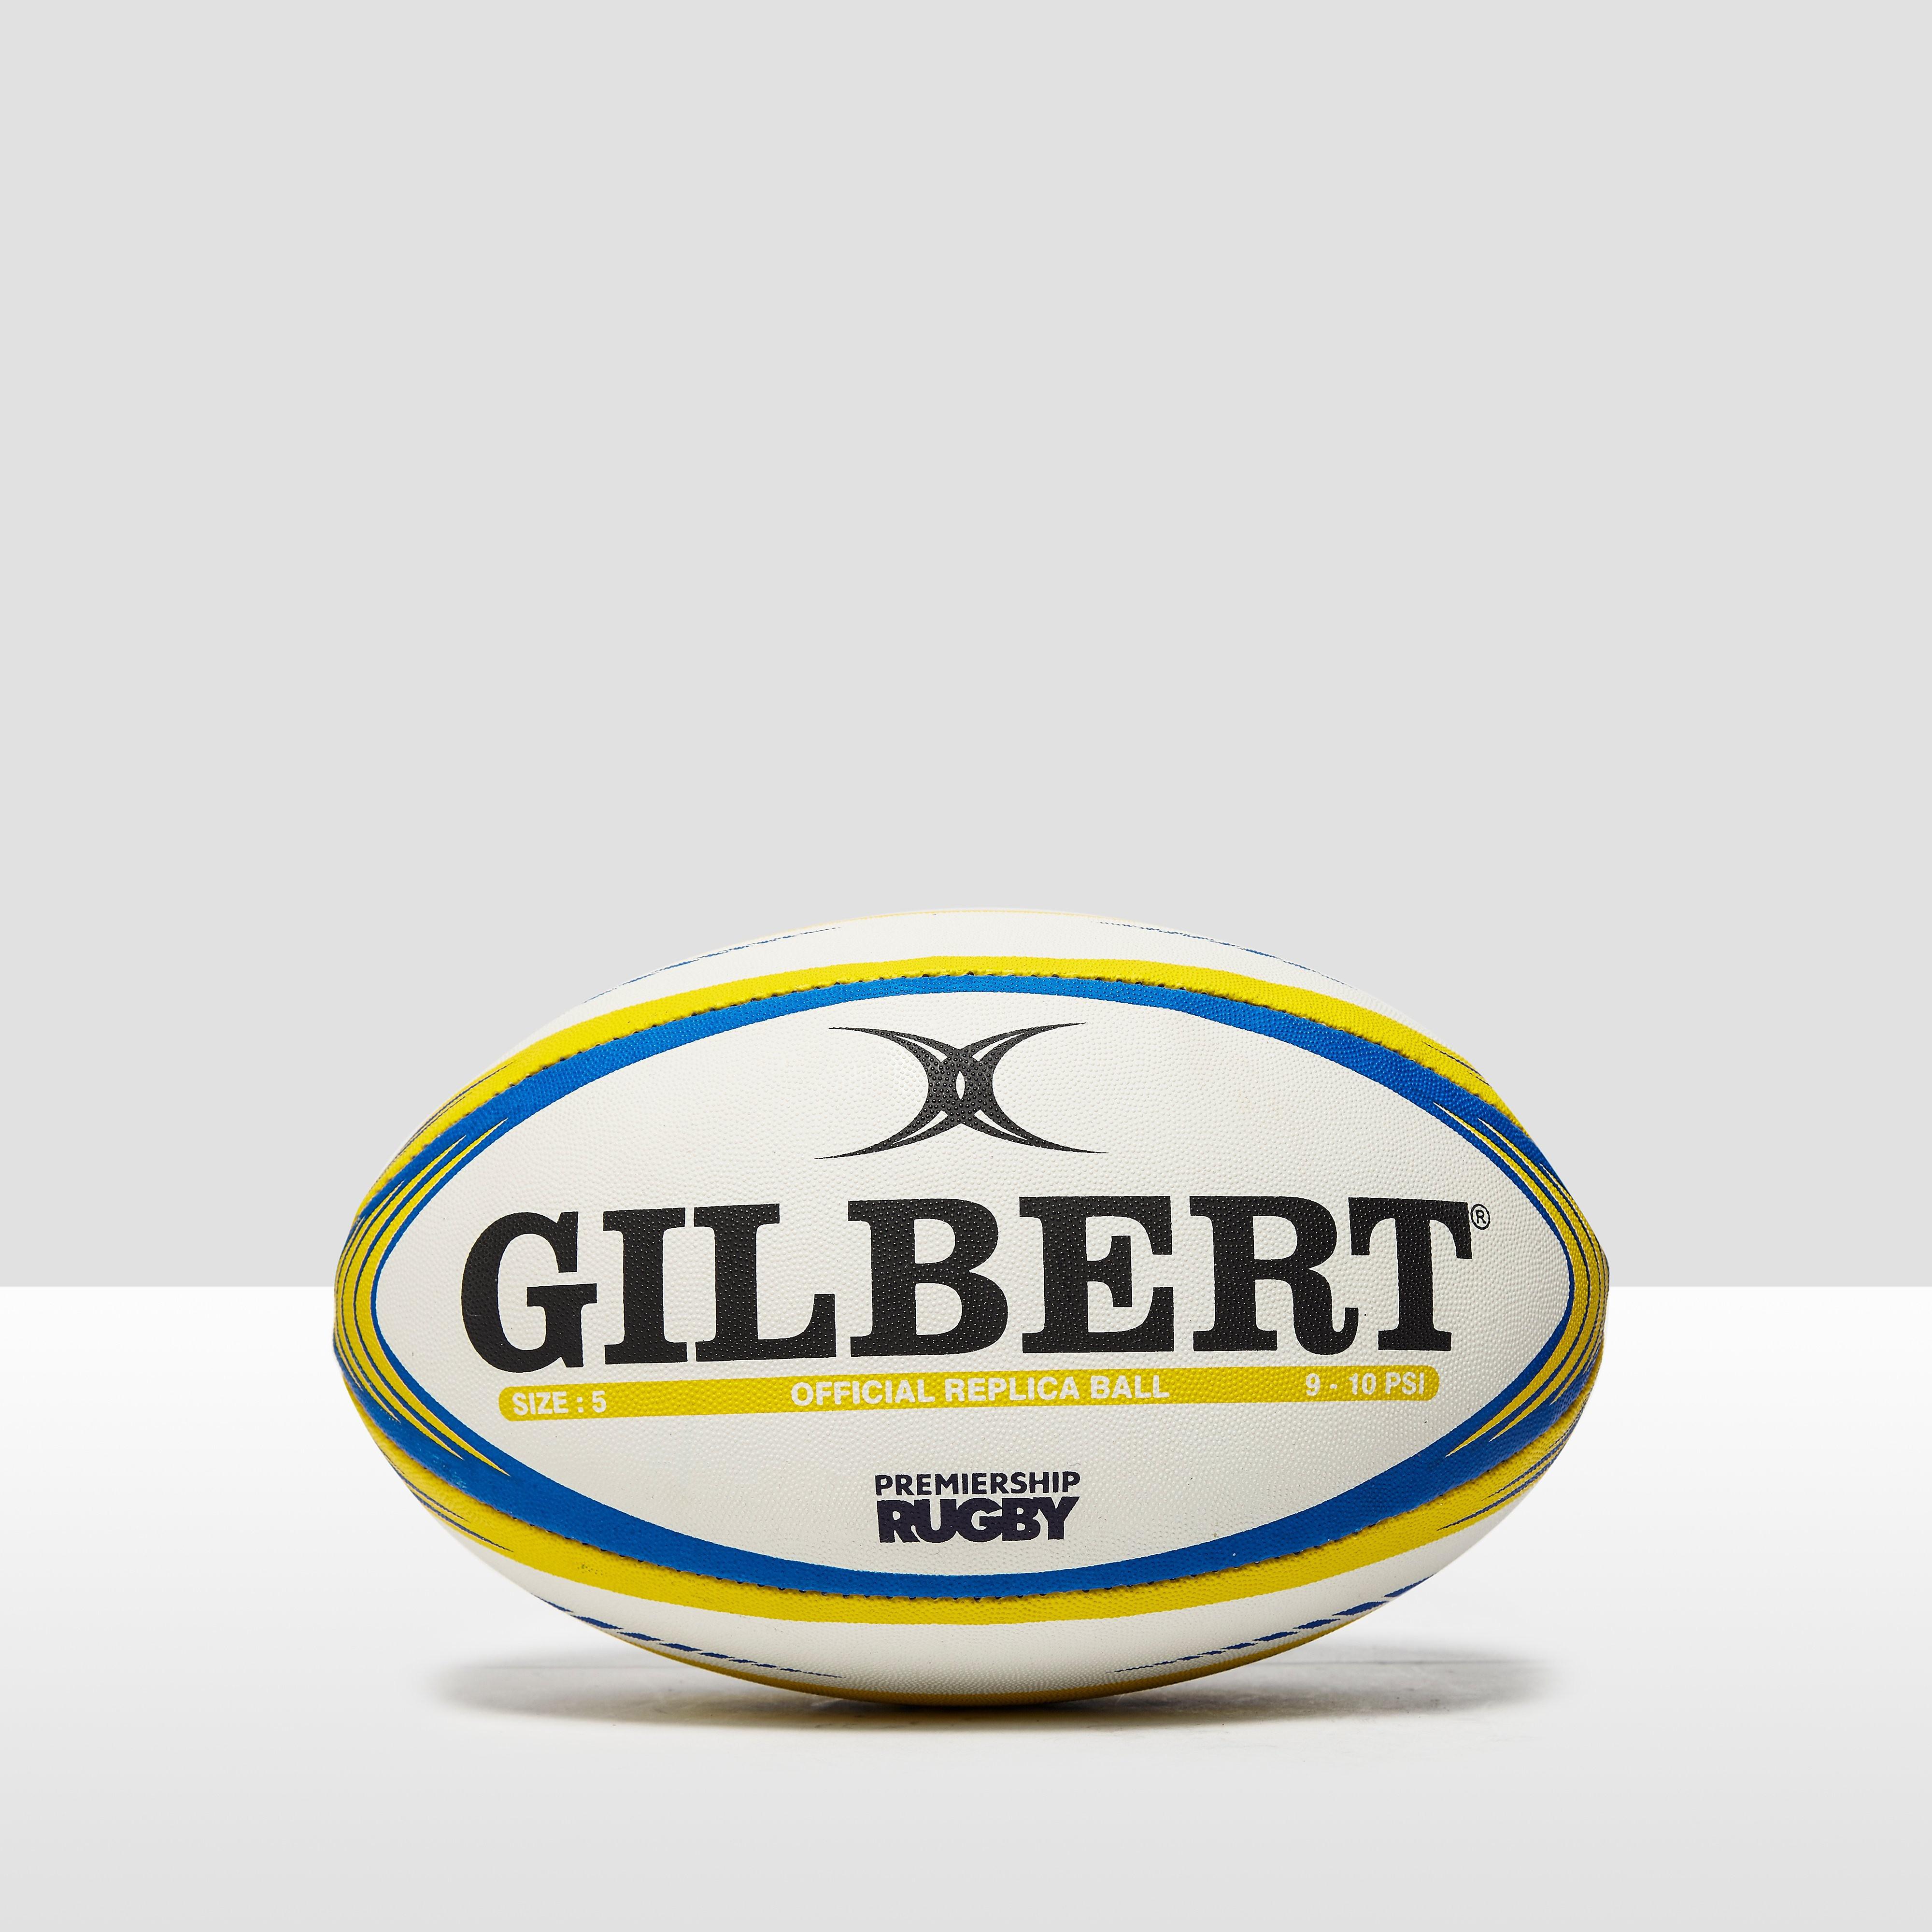 Gilbert France International Replica Rugby Ball